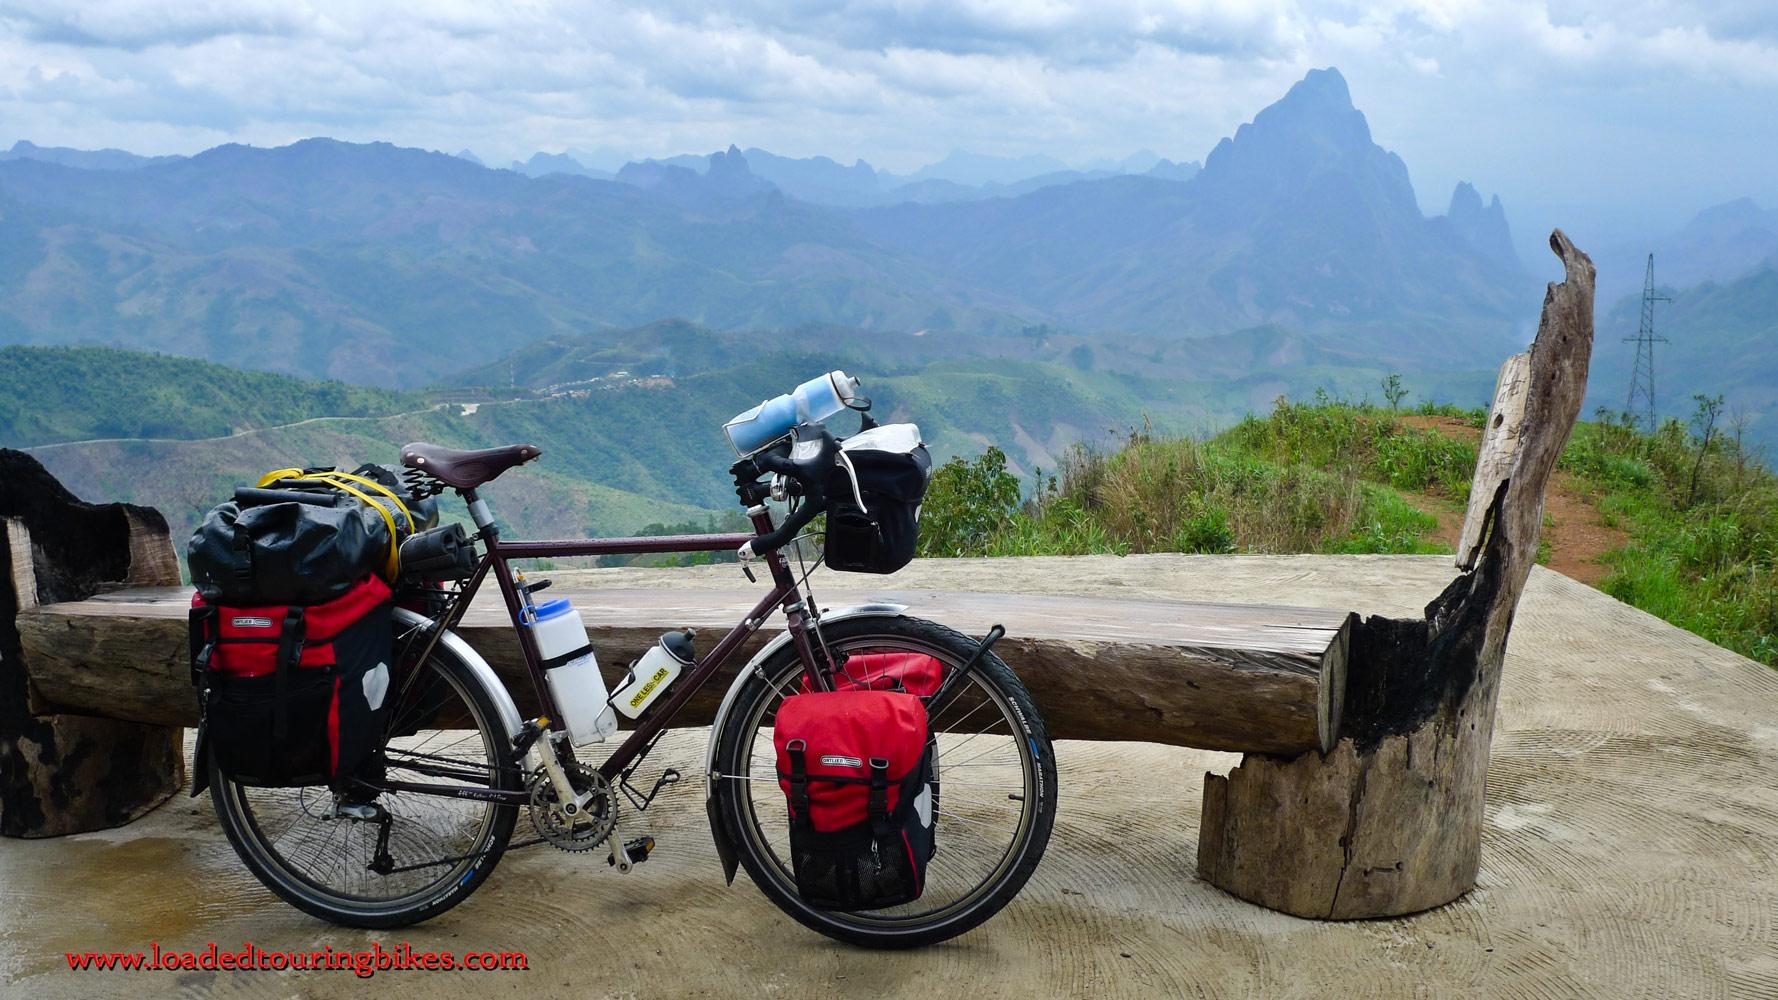 410    Brian touring Laos - Surly Long Haul Trucker touring bike